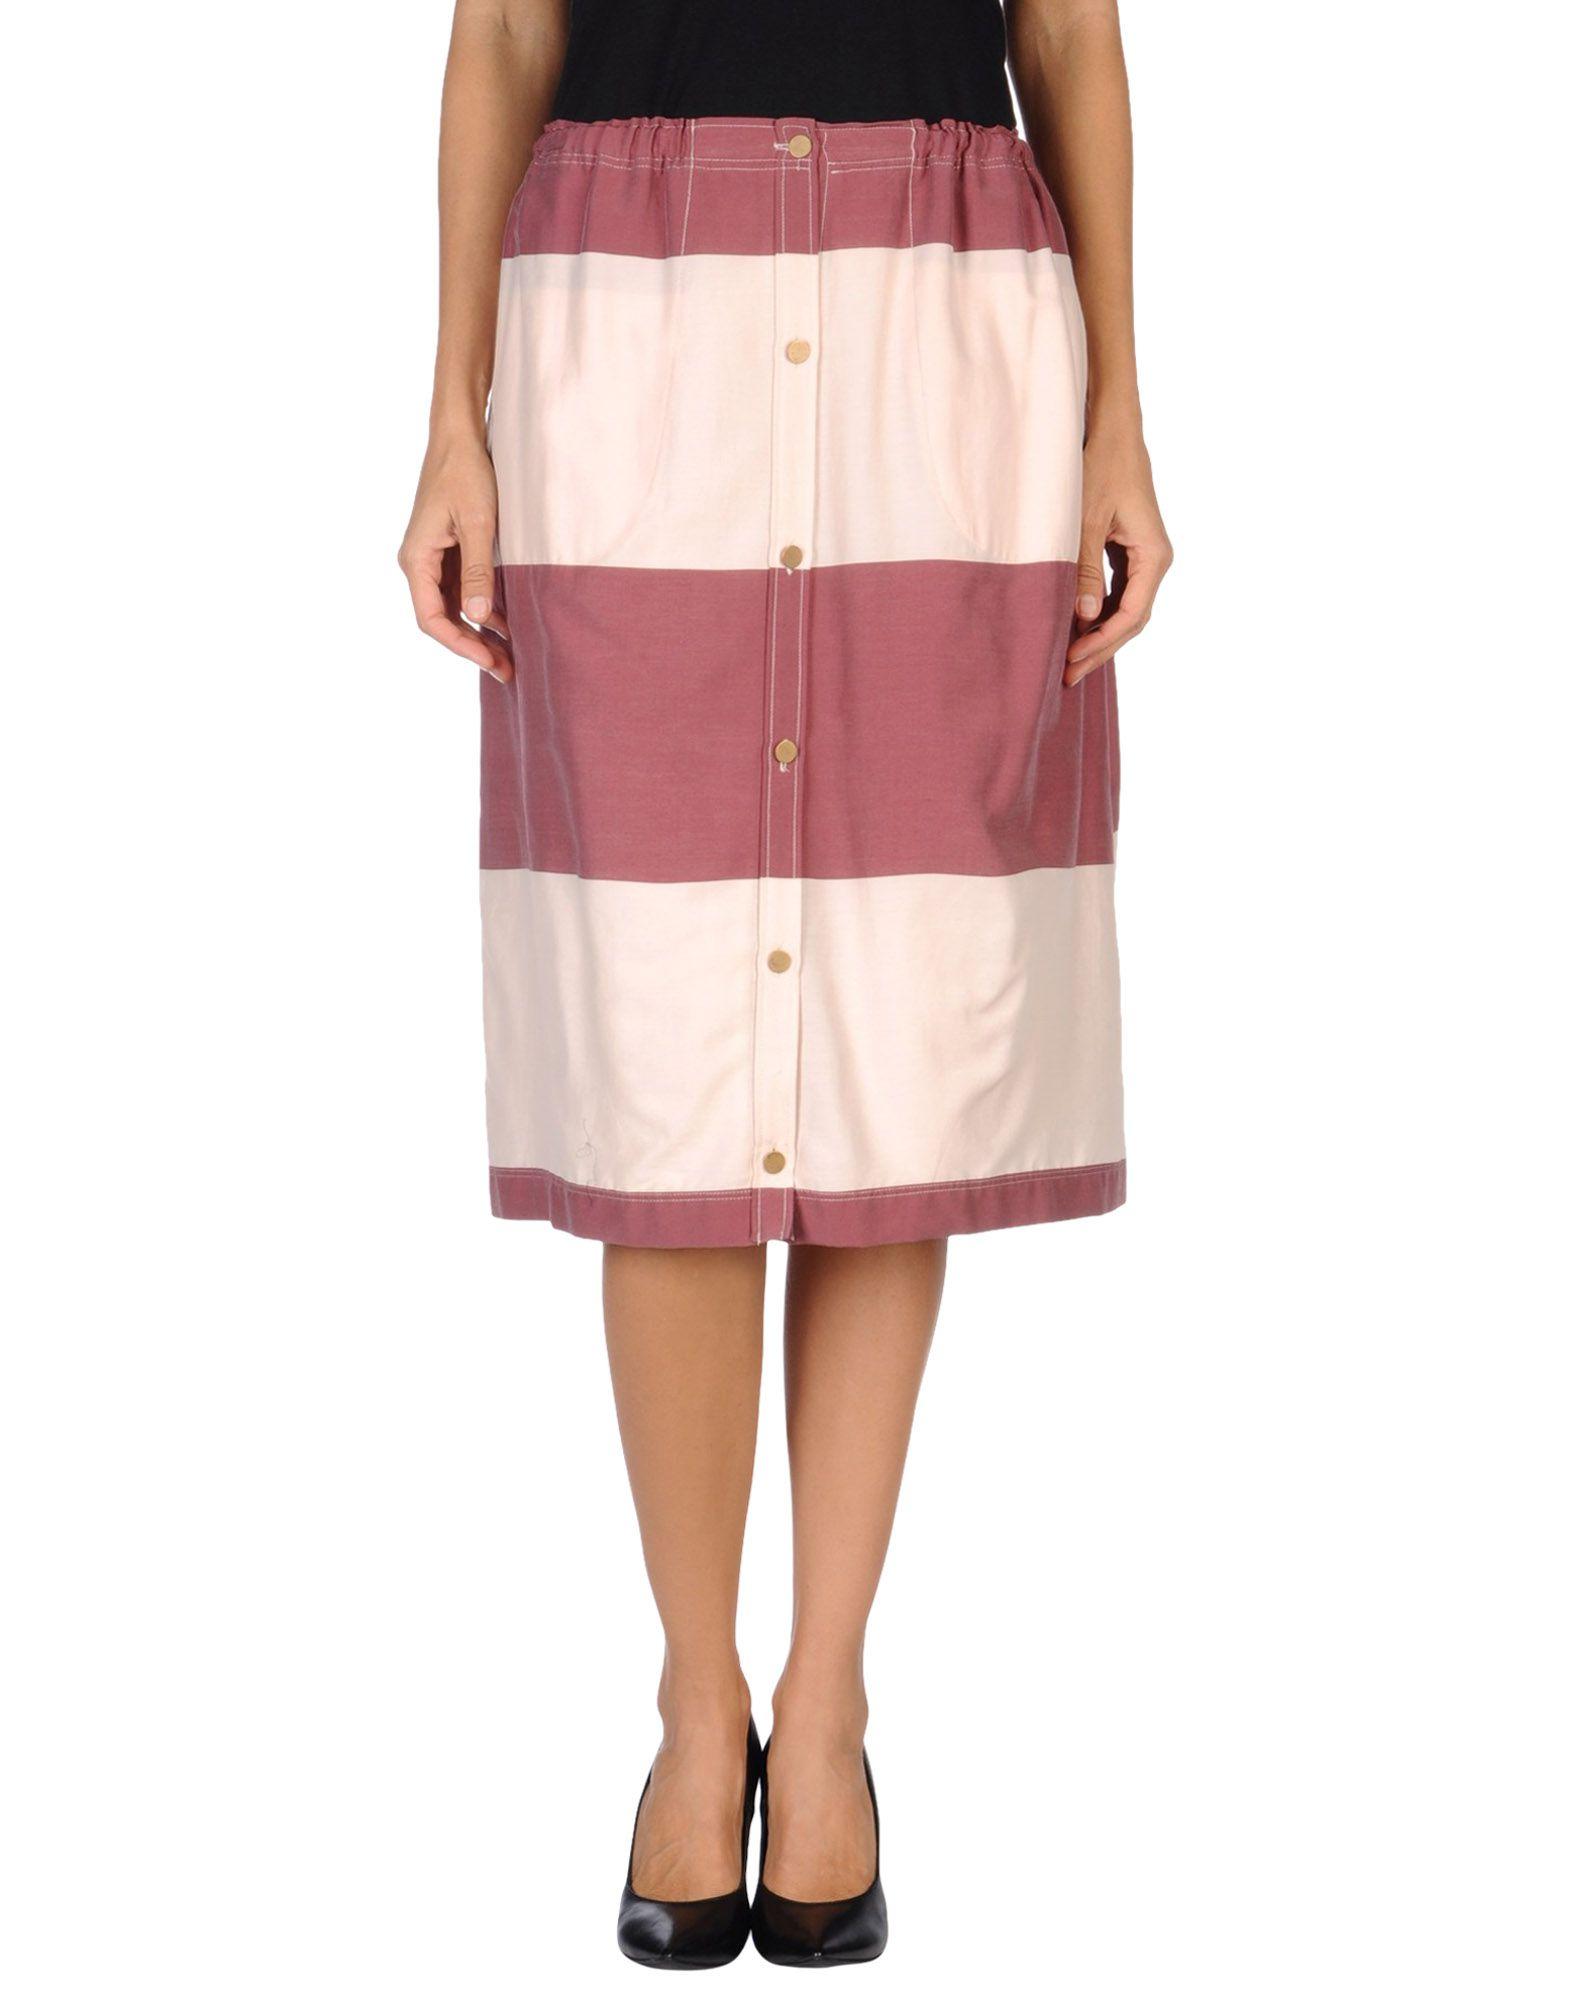 m grifoni denim knee length skirt in white maroon lyst